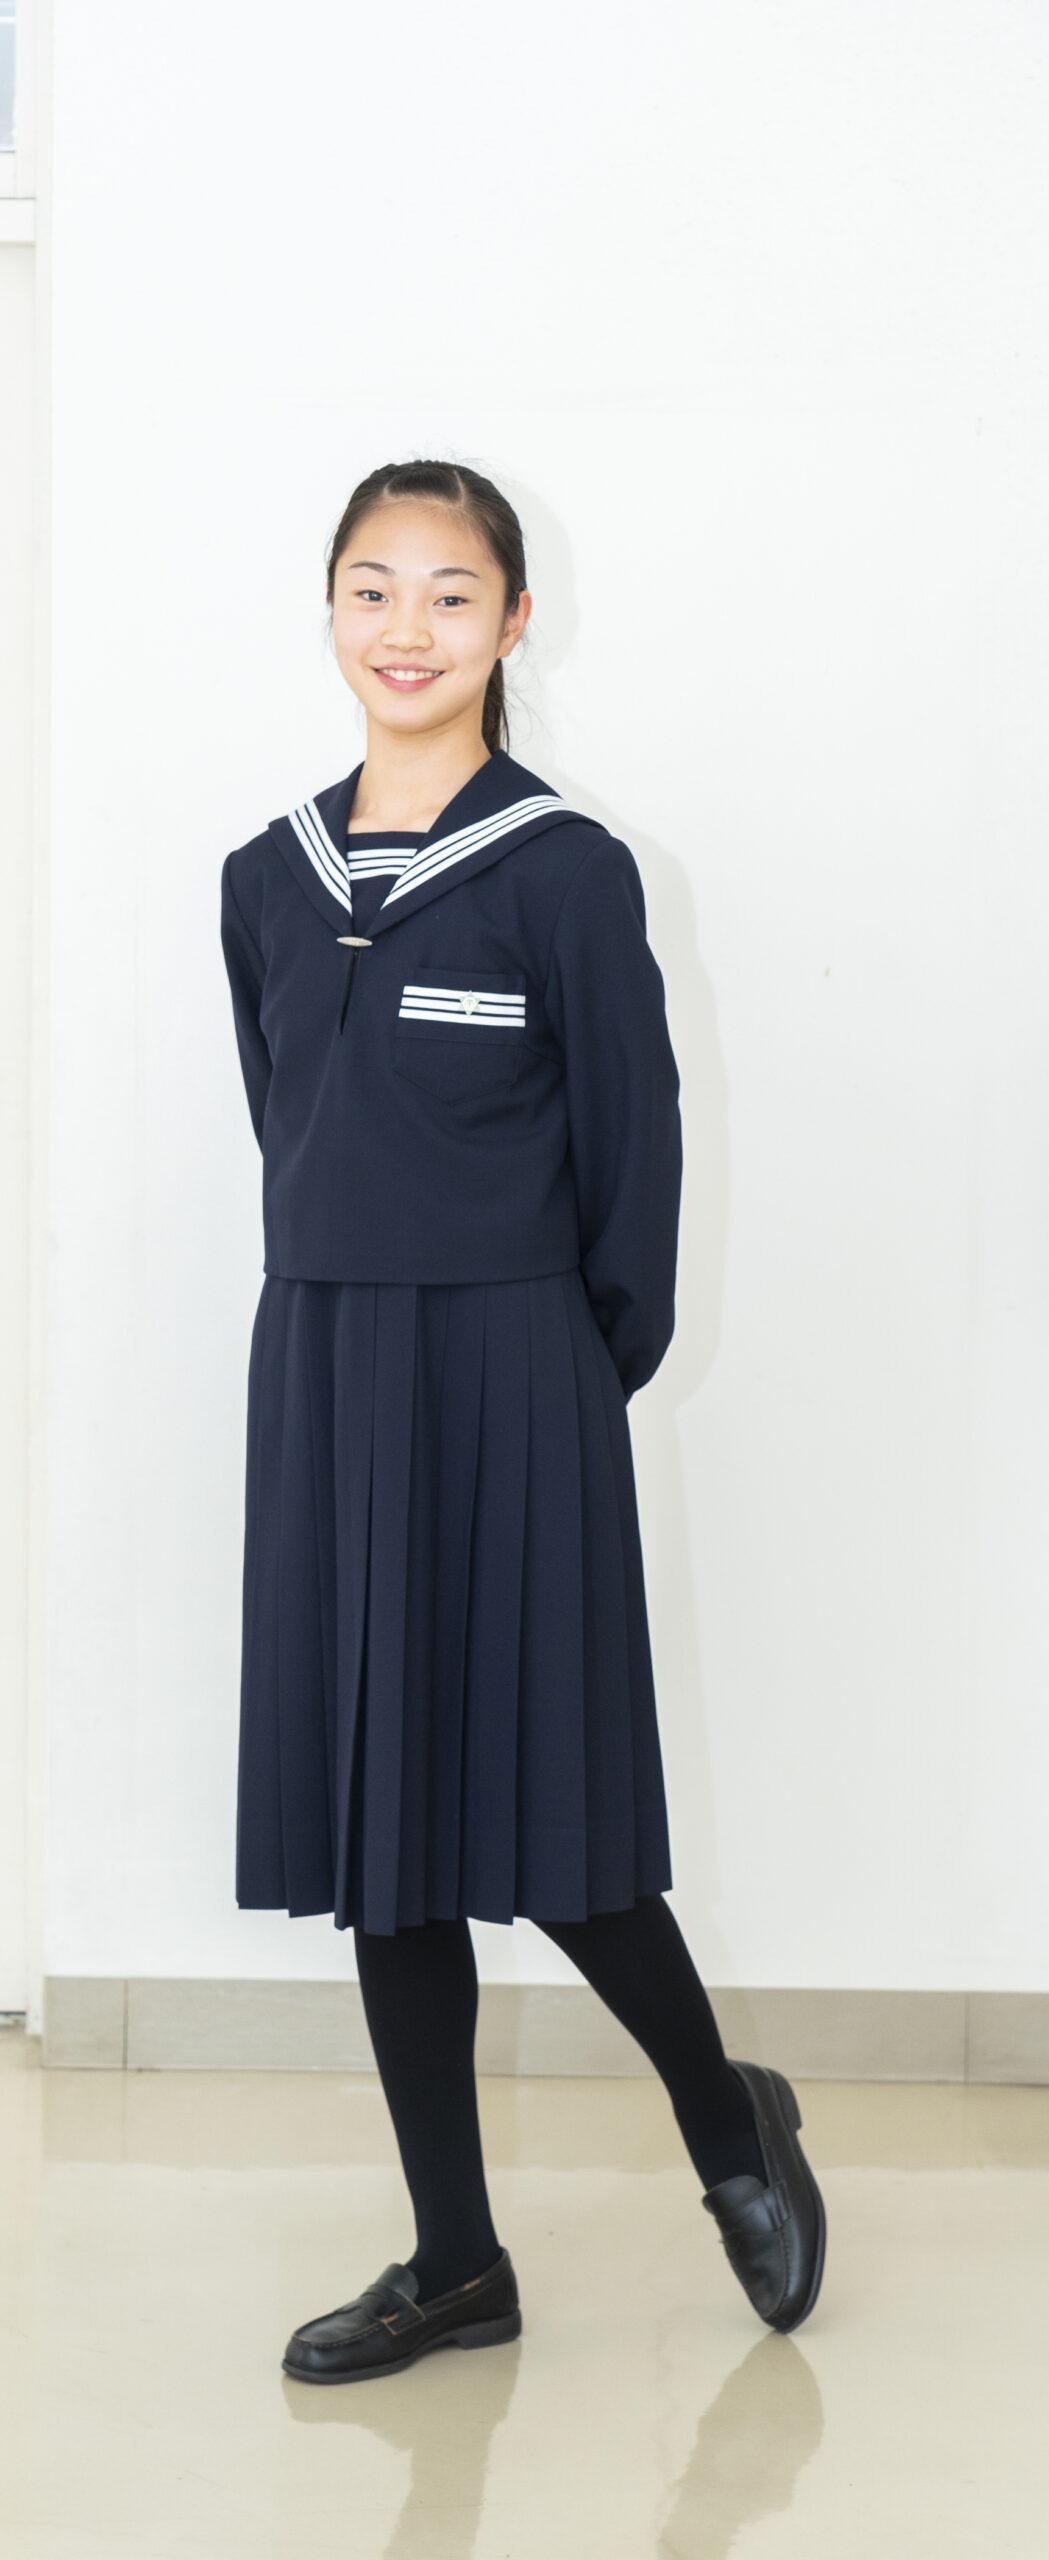 甲南女子中学校制服